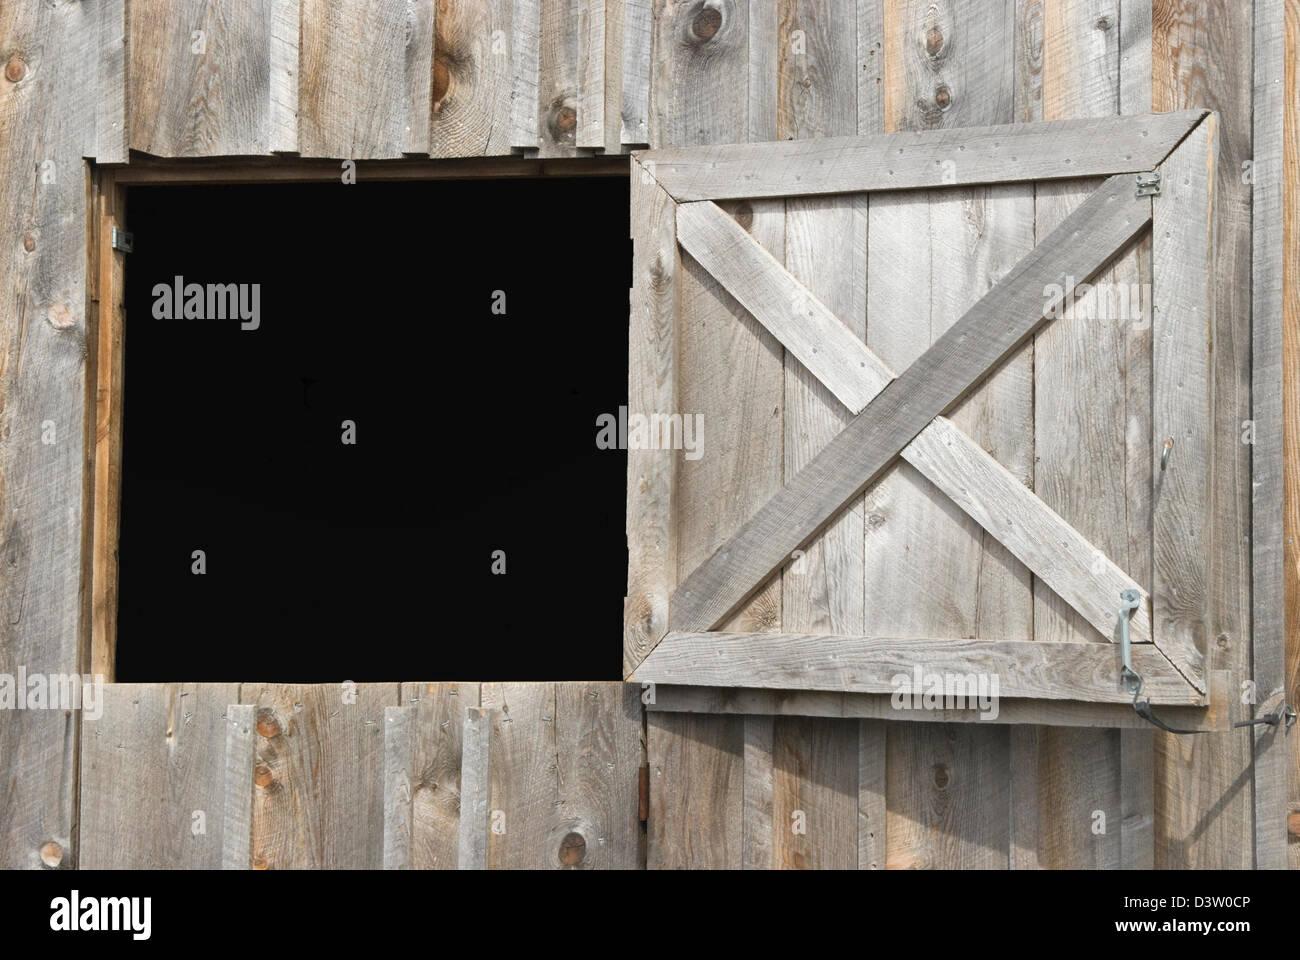 Open Barn Door barn door open to black background as a design element, a dutch